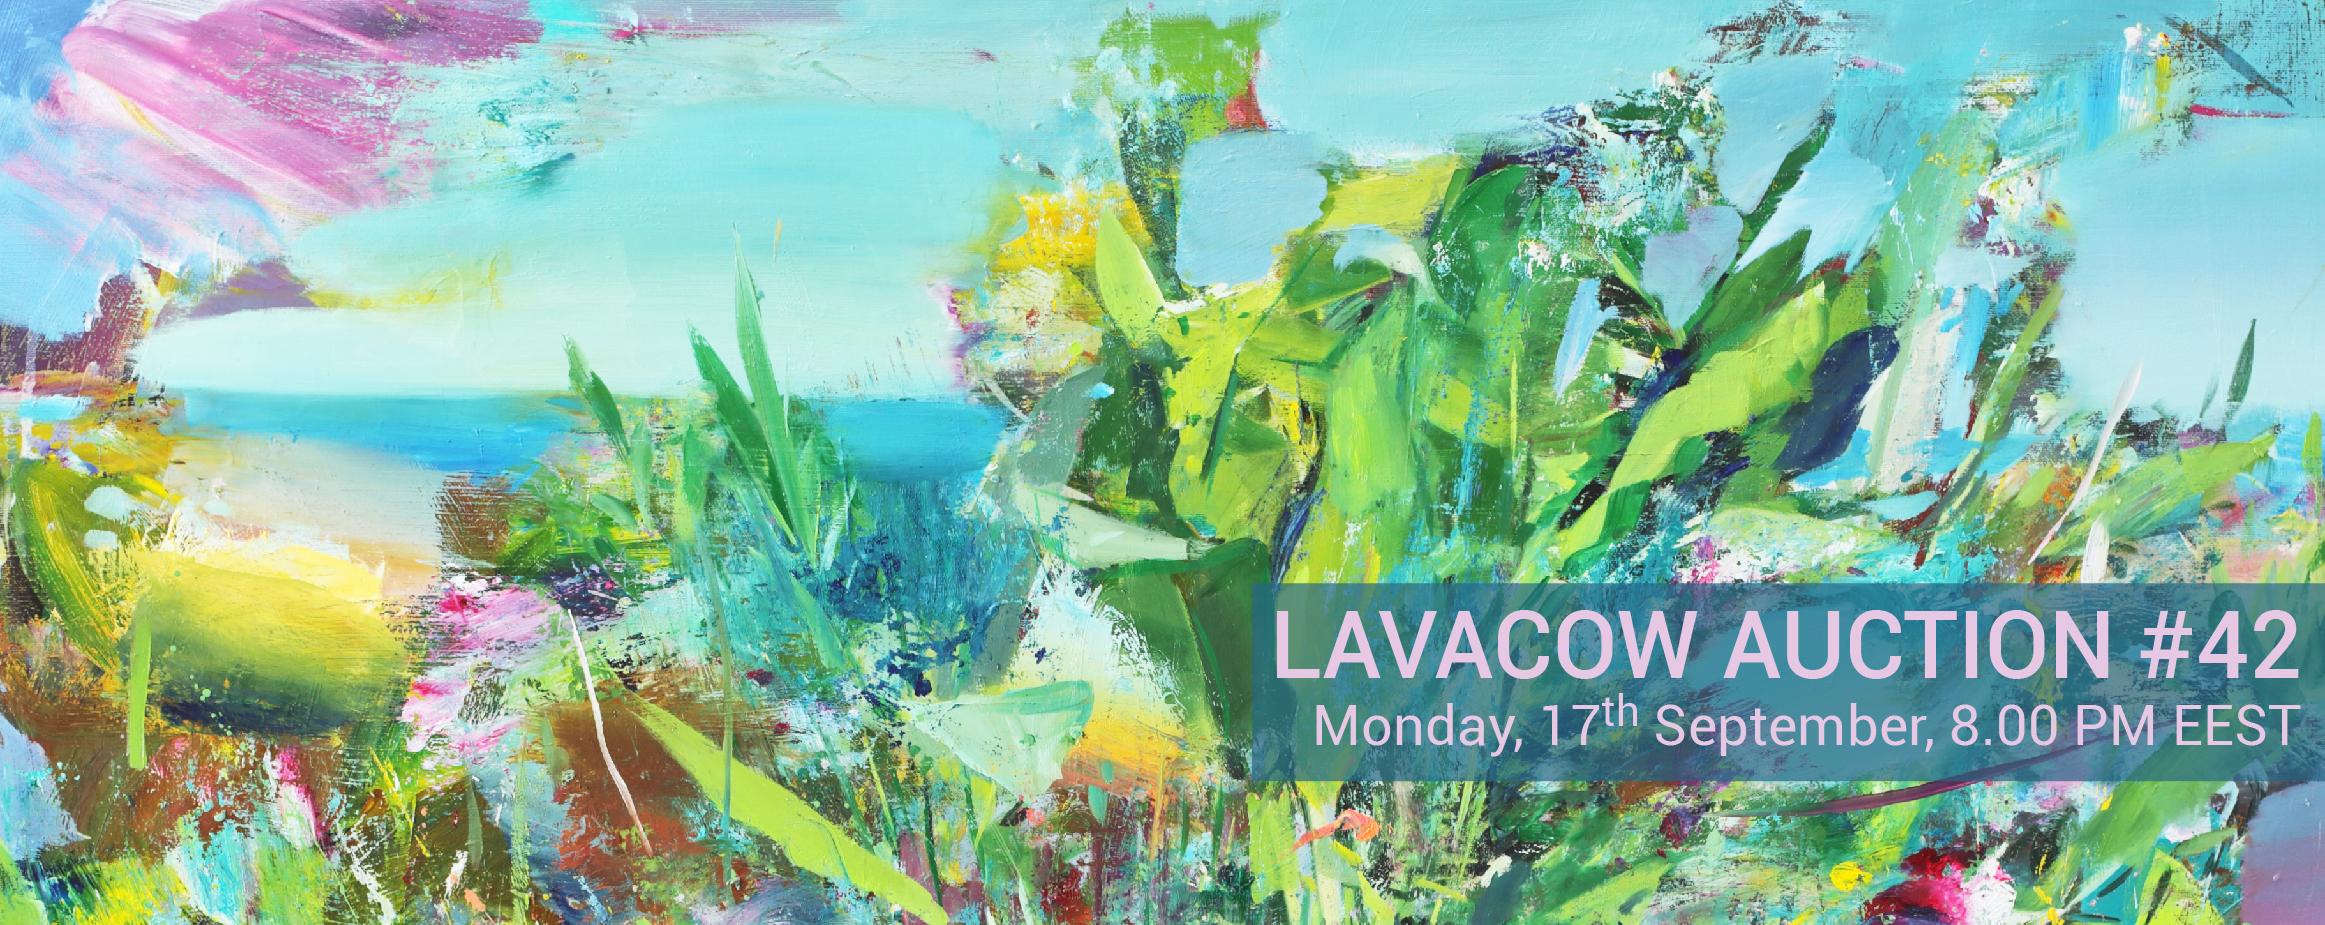 Lavacow Auction #42